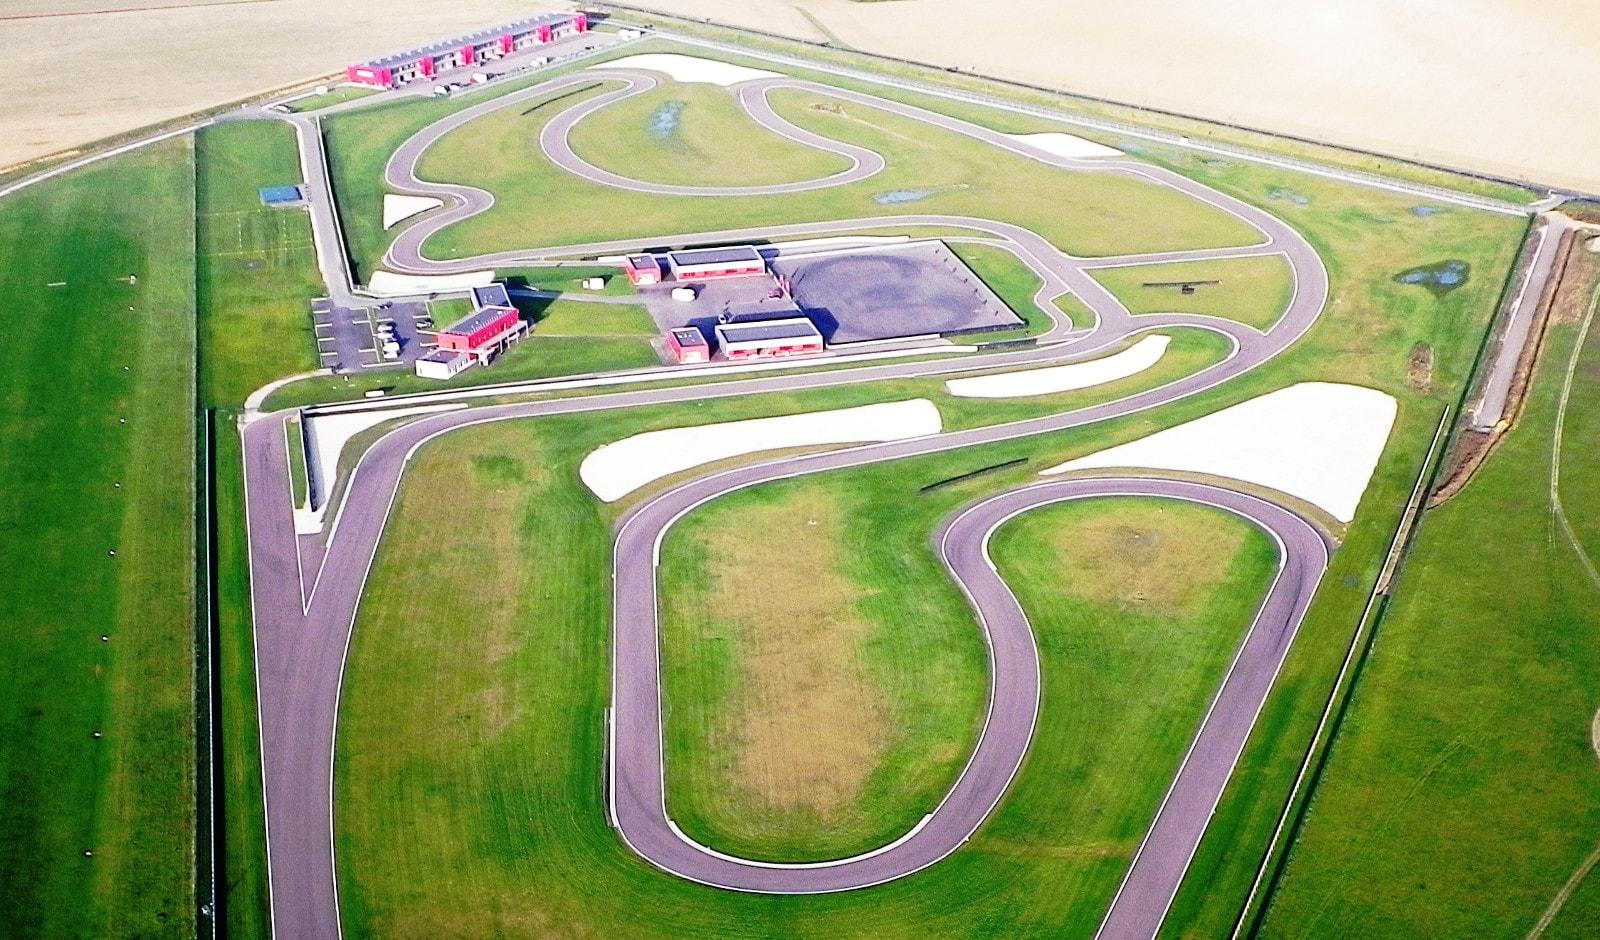 Vue aérienne des pistes des CircuitsLFG